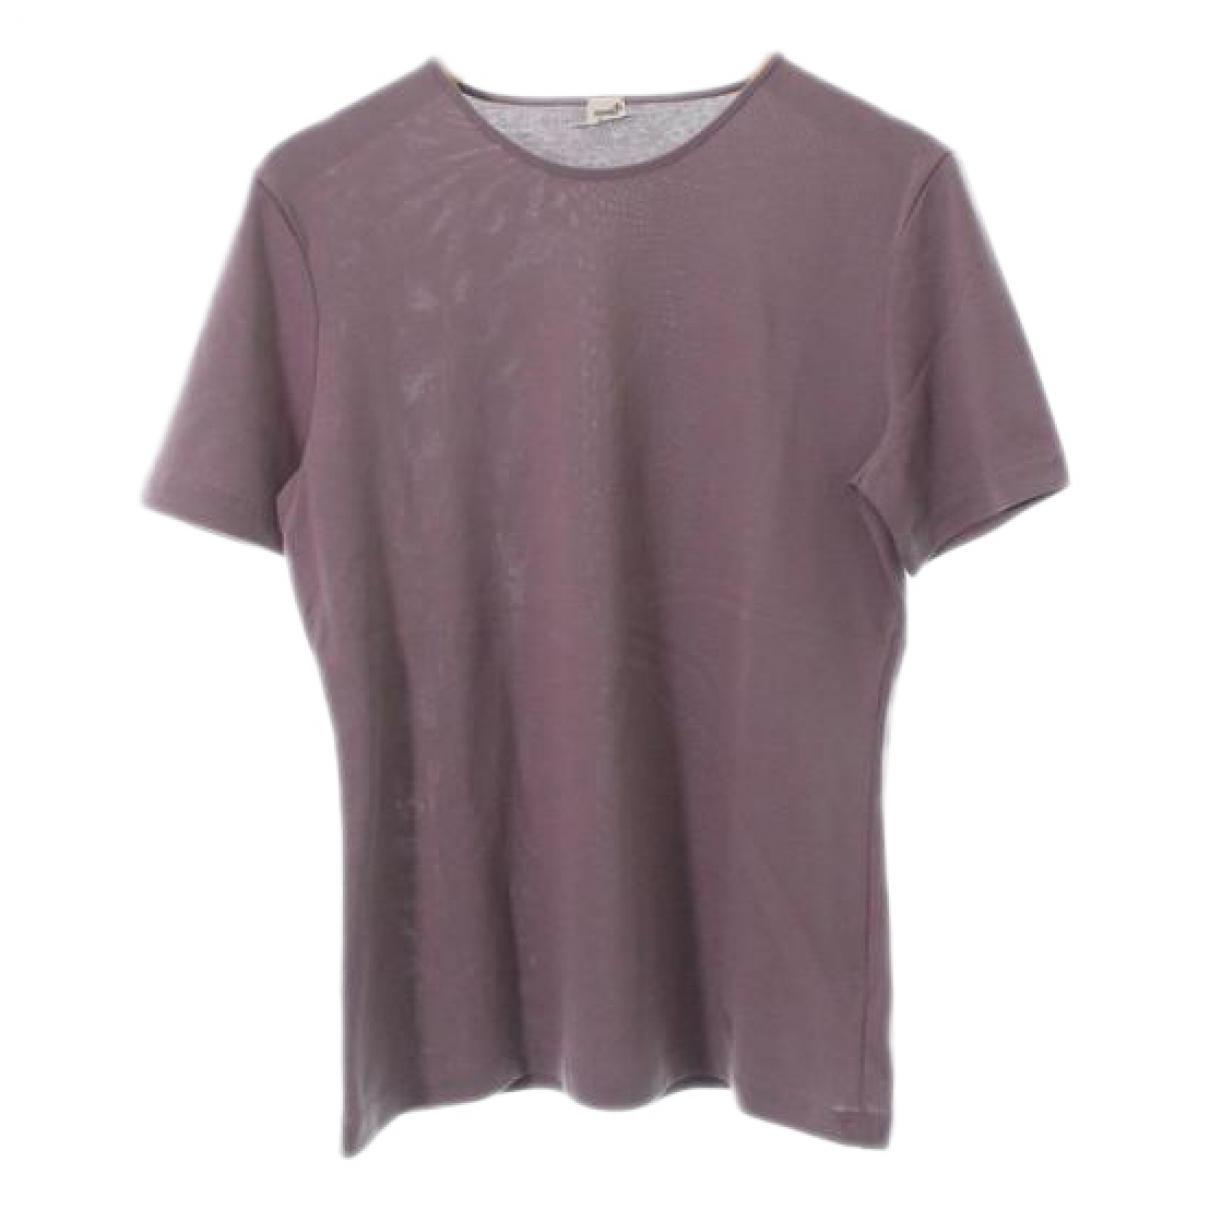 Hermes - Top   pour femme en coton - violet